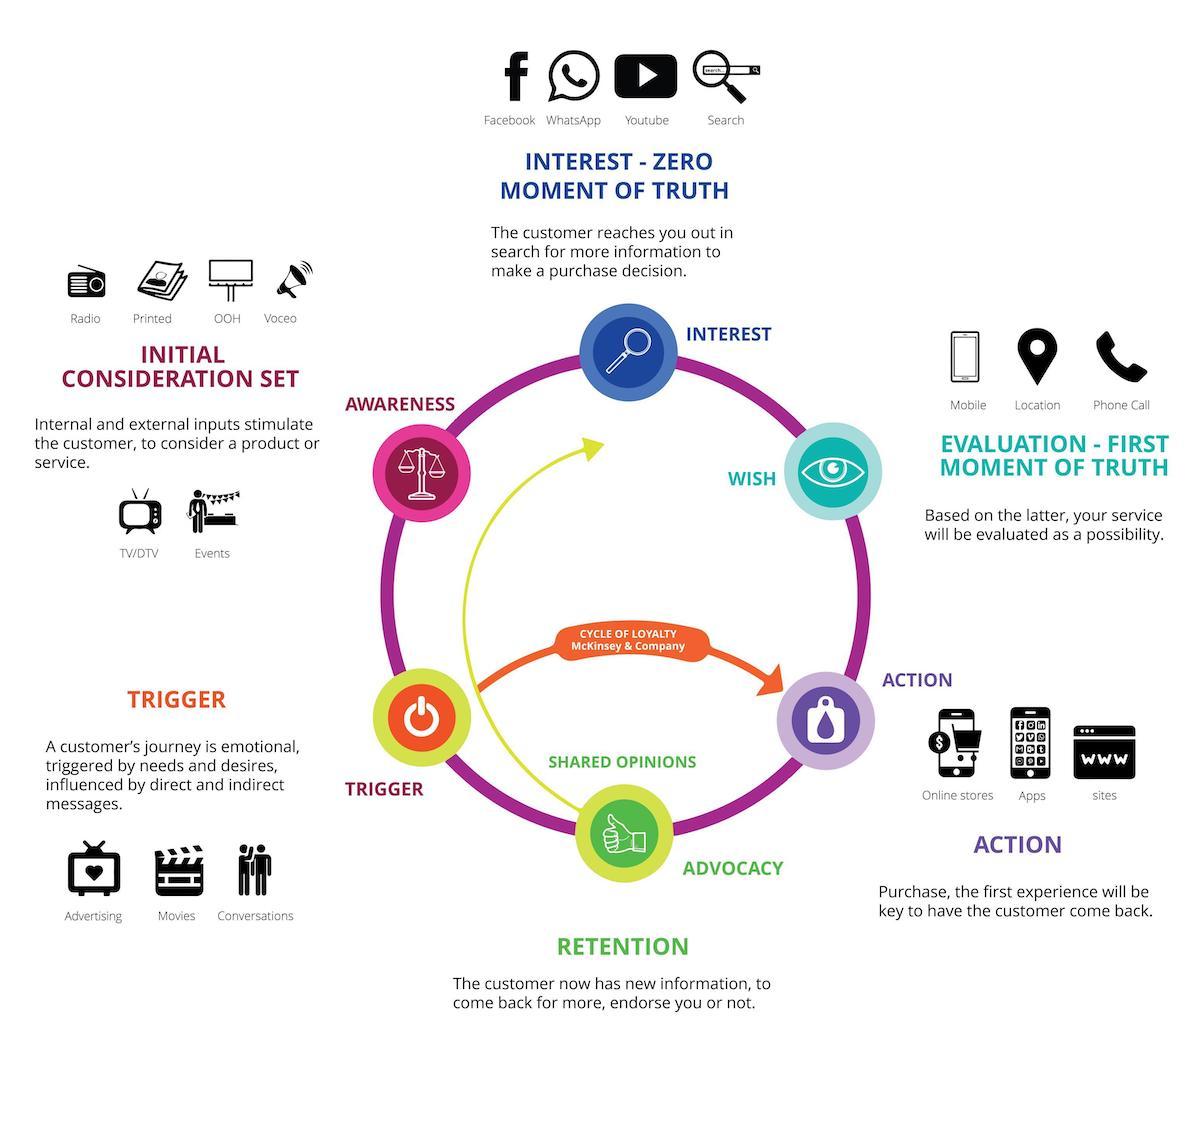 grafico che mostra il customer journey del cliente a partire dal momento in cui entra a contatto con l'azienda, tramite piattaforme social fino ad arrivare all'acquisto e al successivo ed eventuale riacquisto.